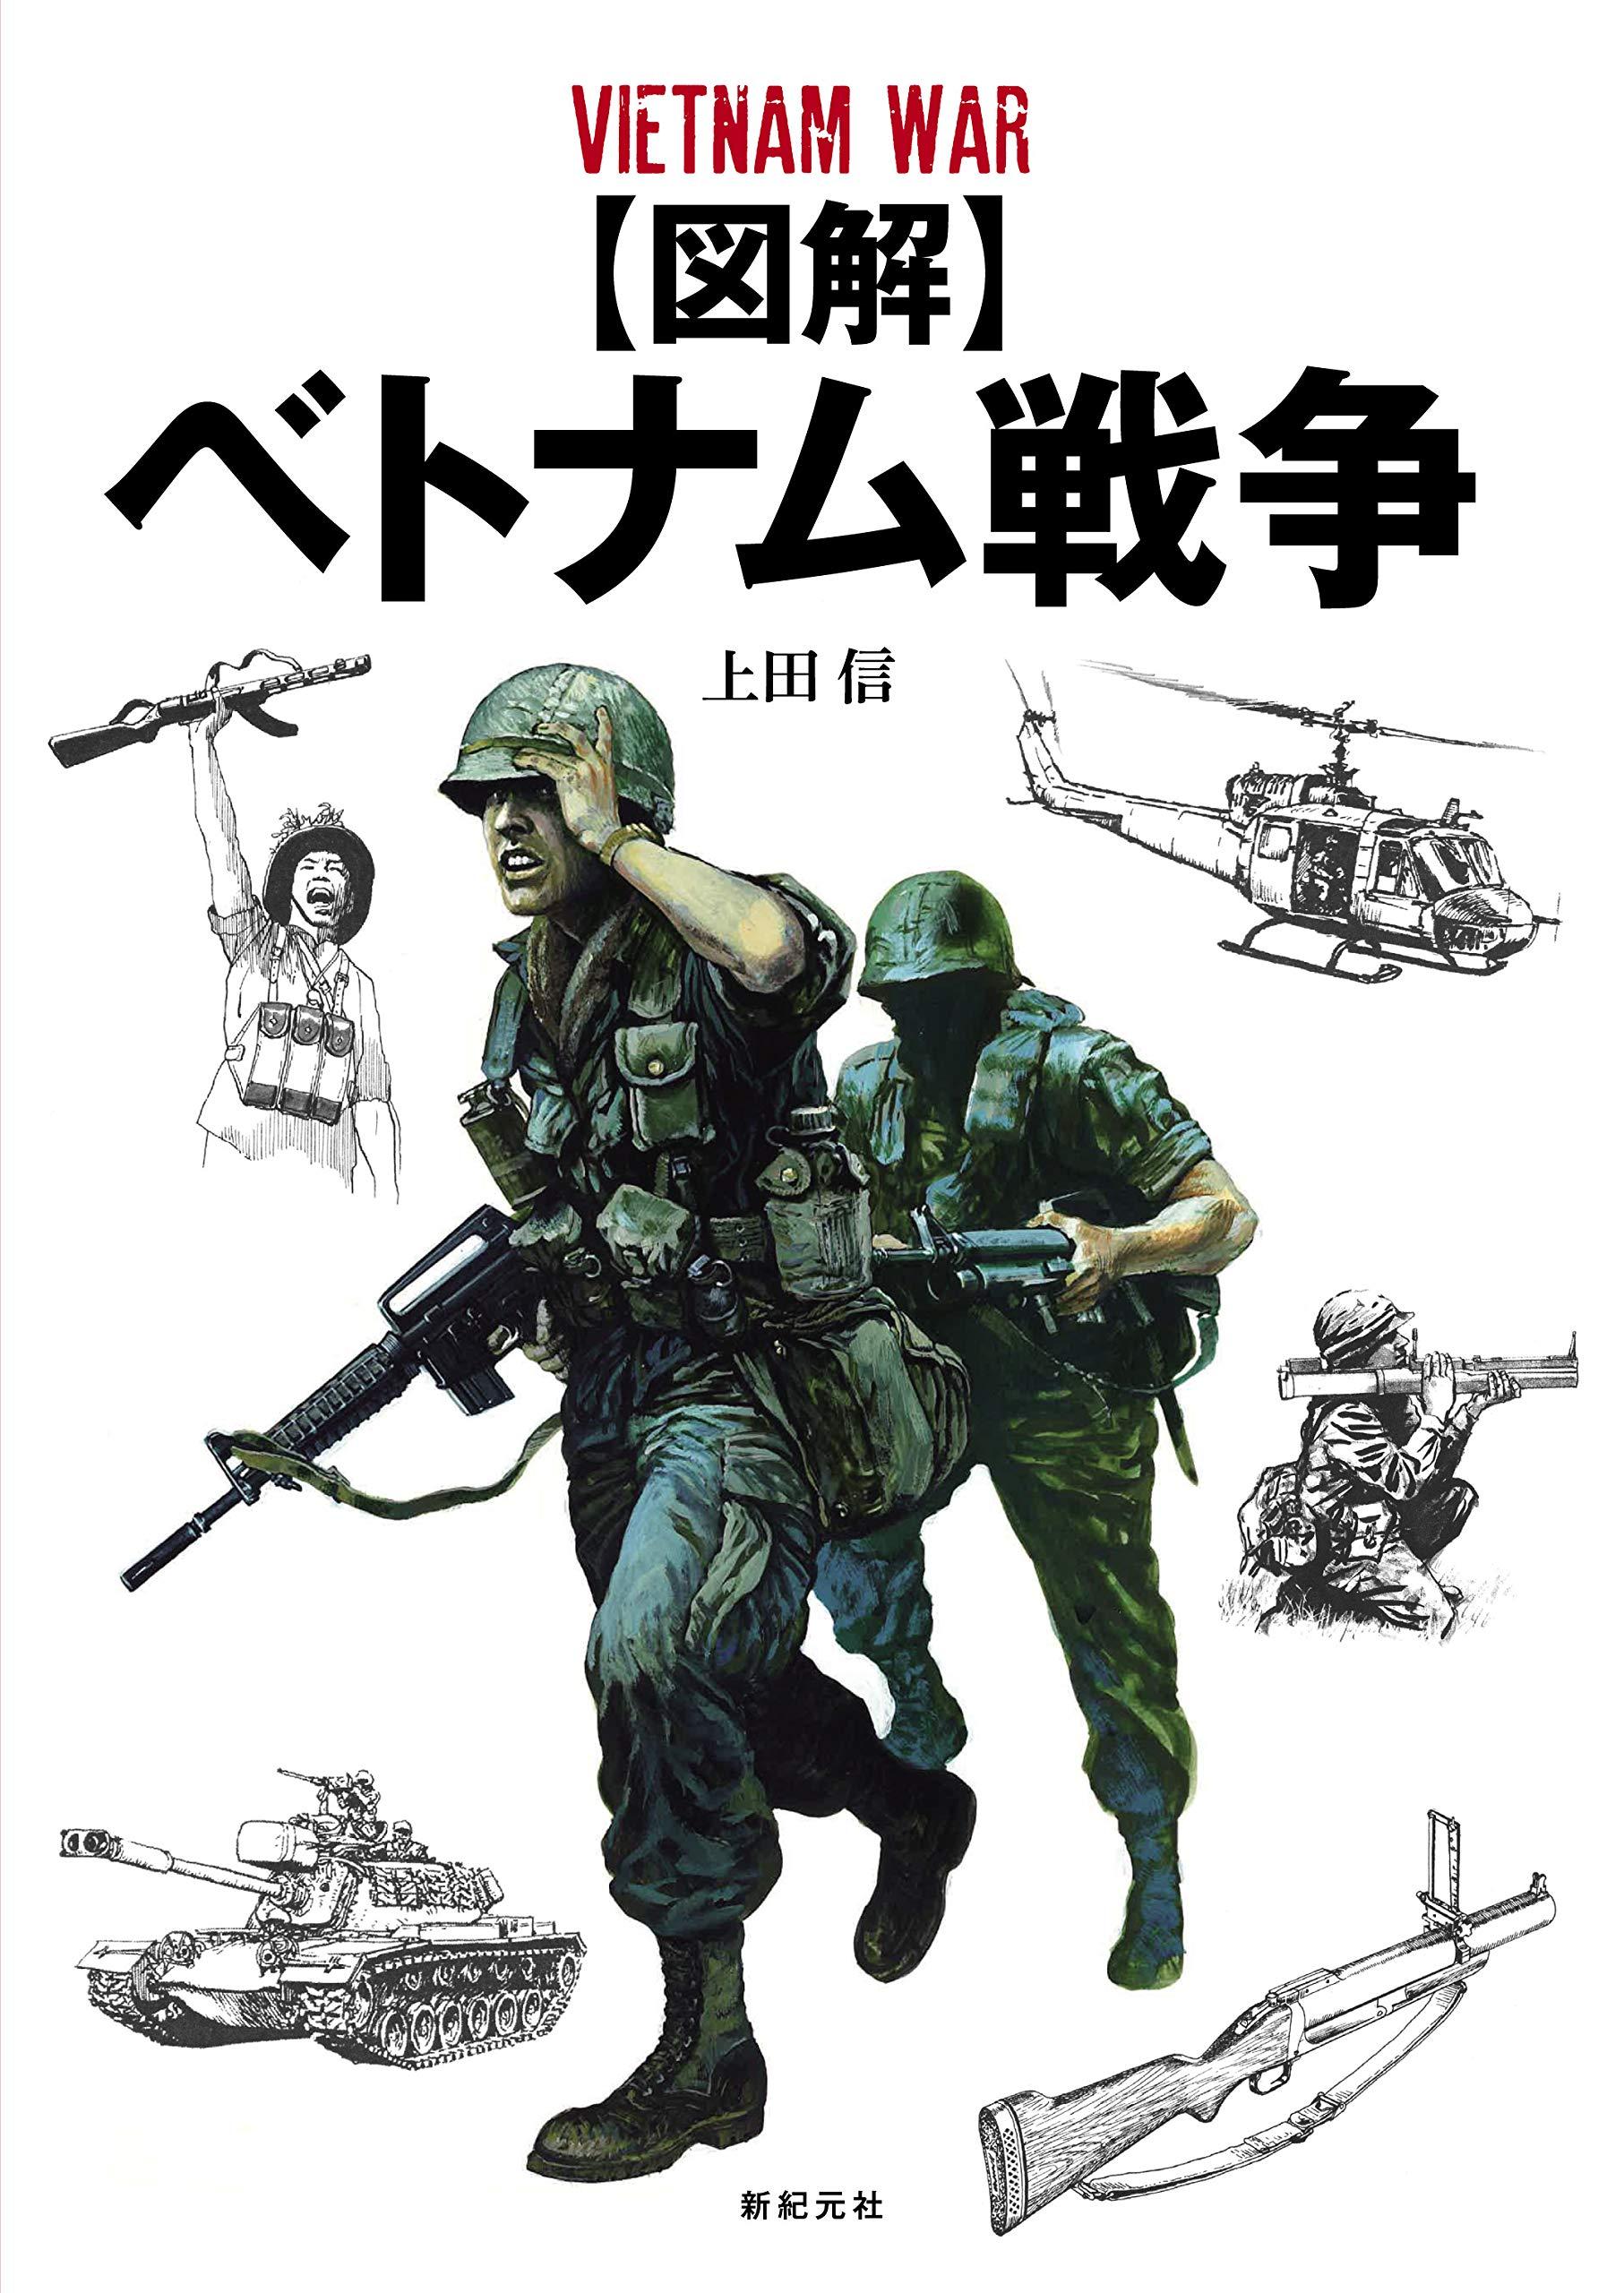 図解】ベトナム戦争 | 上田 信 |本 | 通販 | Amazon